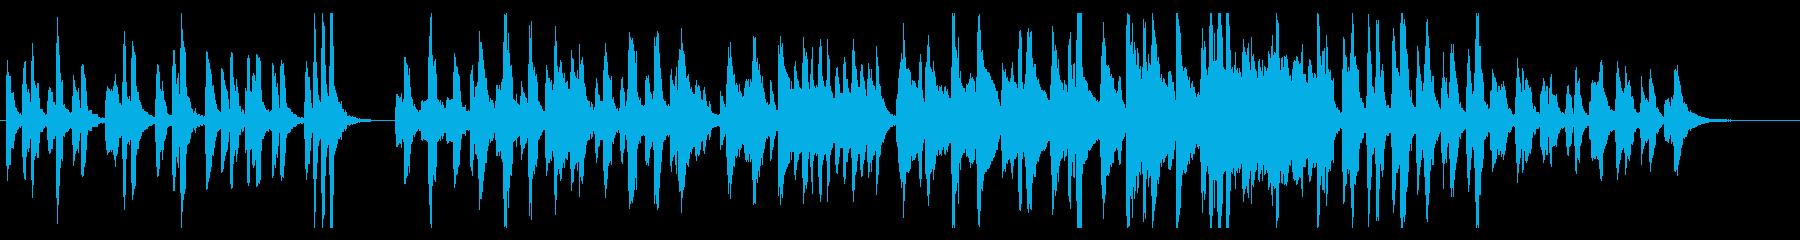 ほのぼの系管楽器アンサンブルの再生済みの波形